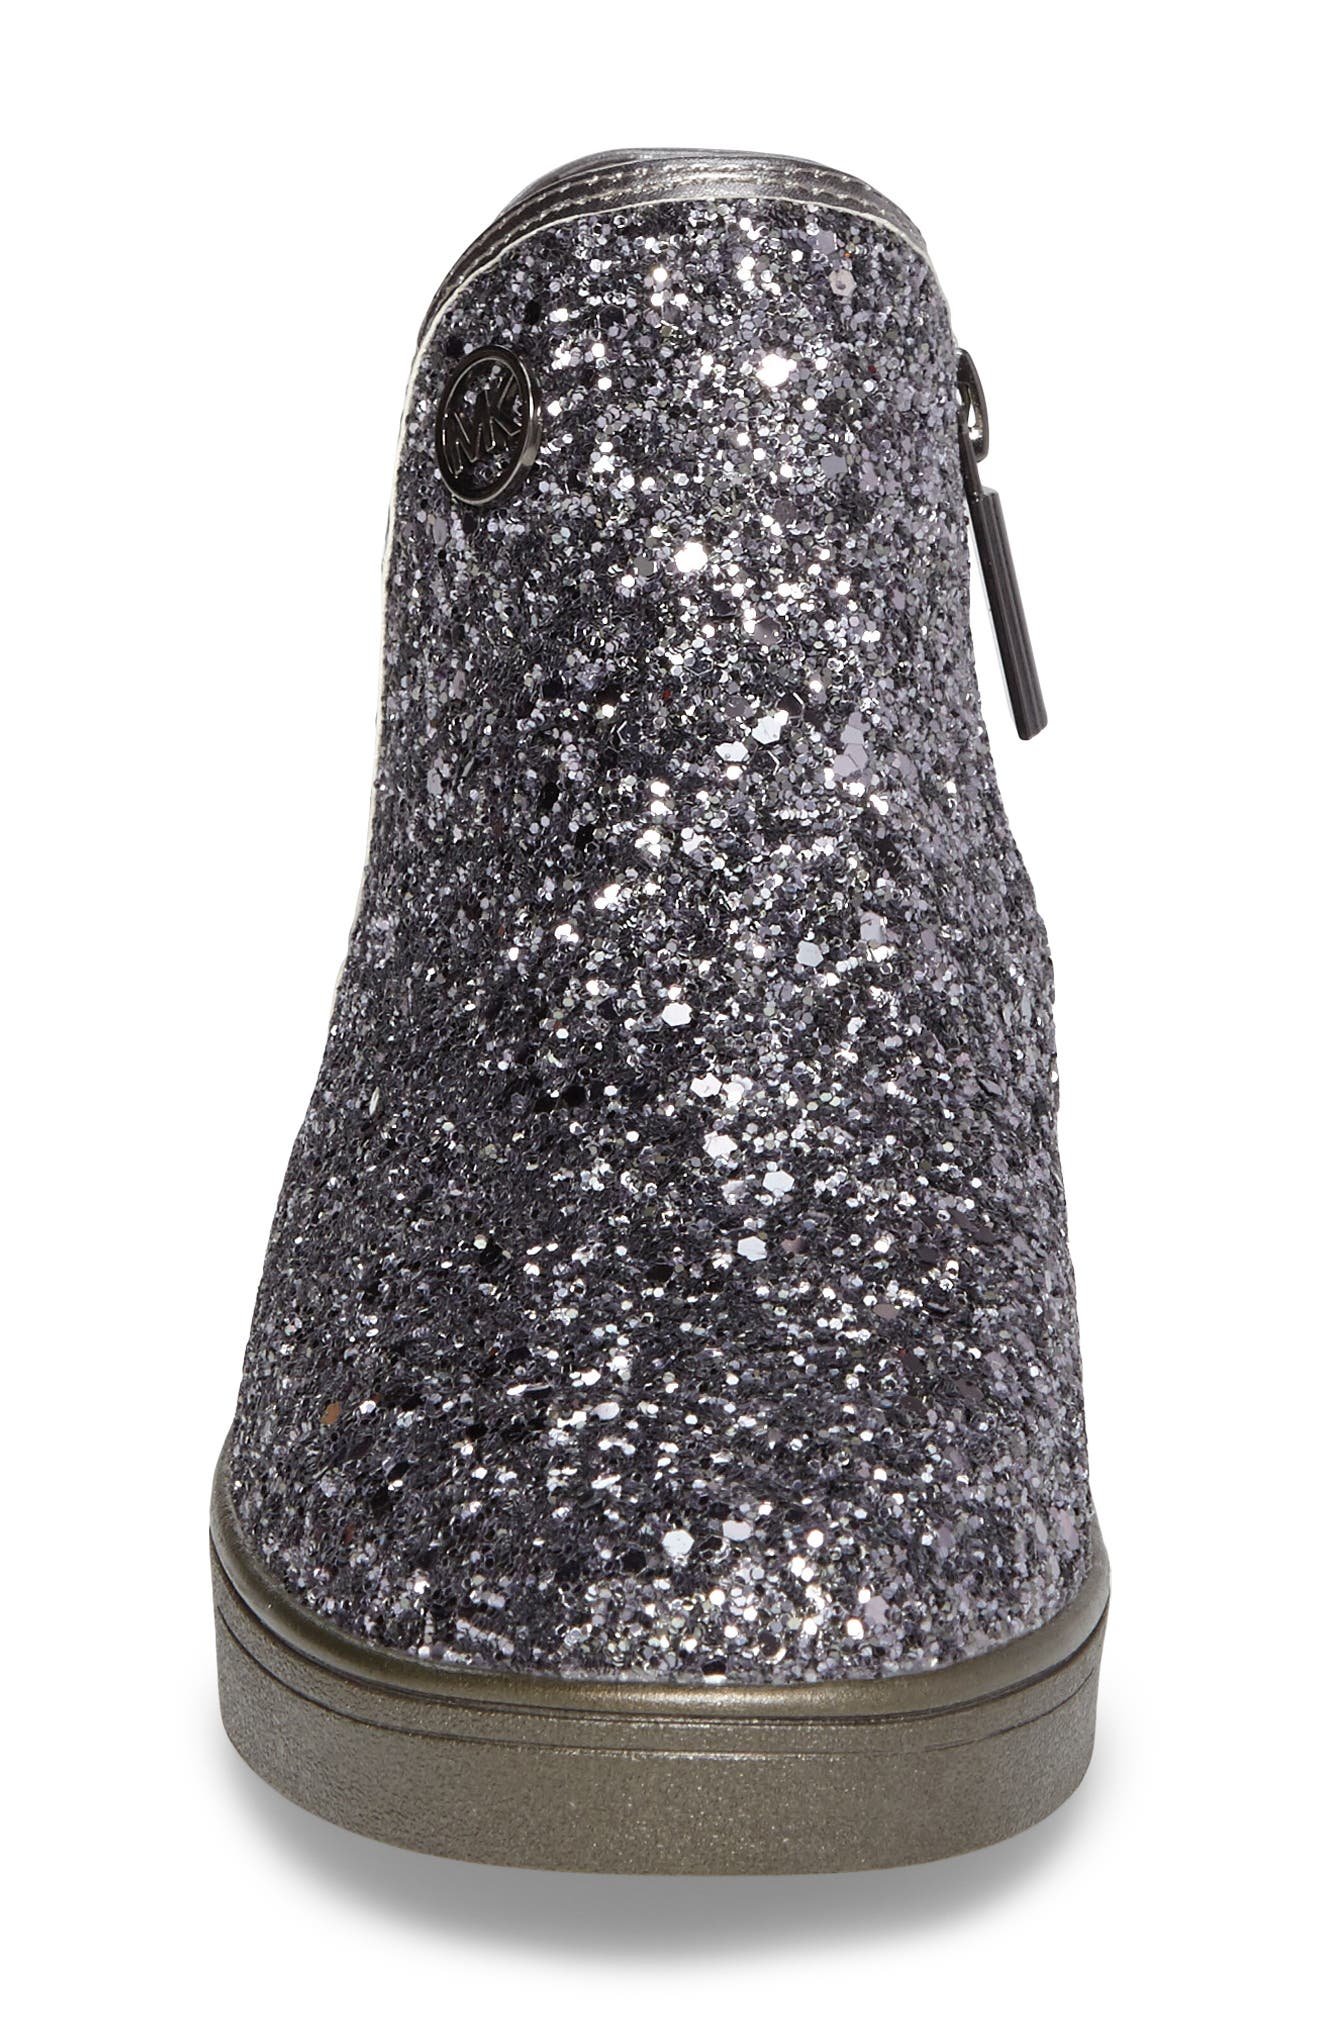 Ollie Rae Glittery Sneaker Boot,                             Alternate thumbnail 4, color,                             040